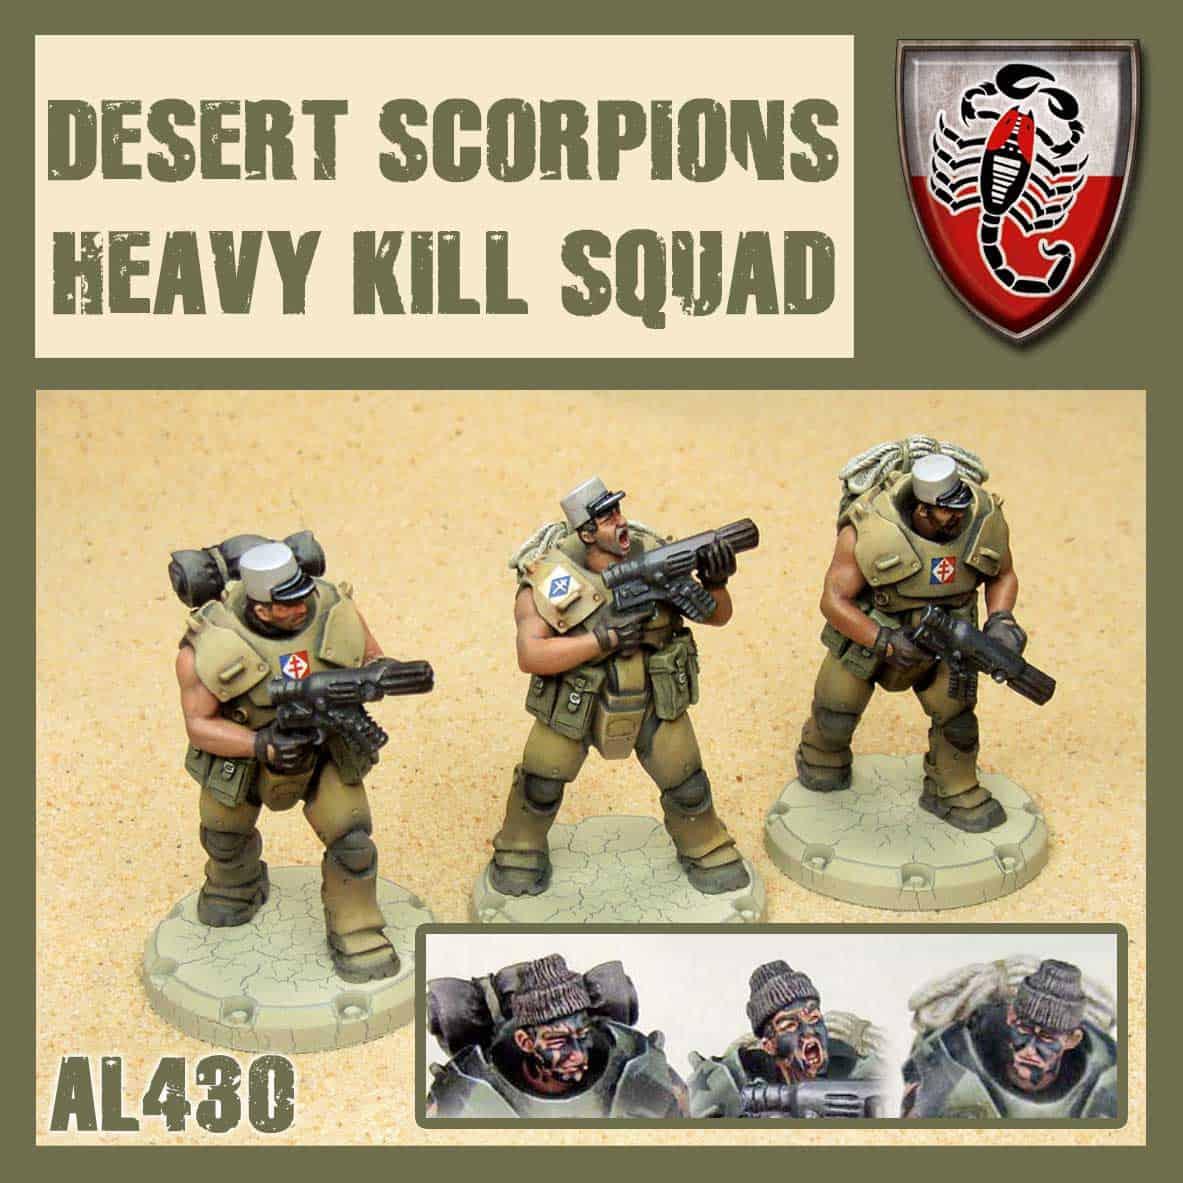 DS Heavy Kill Squad